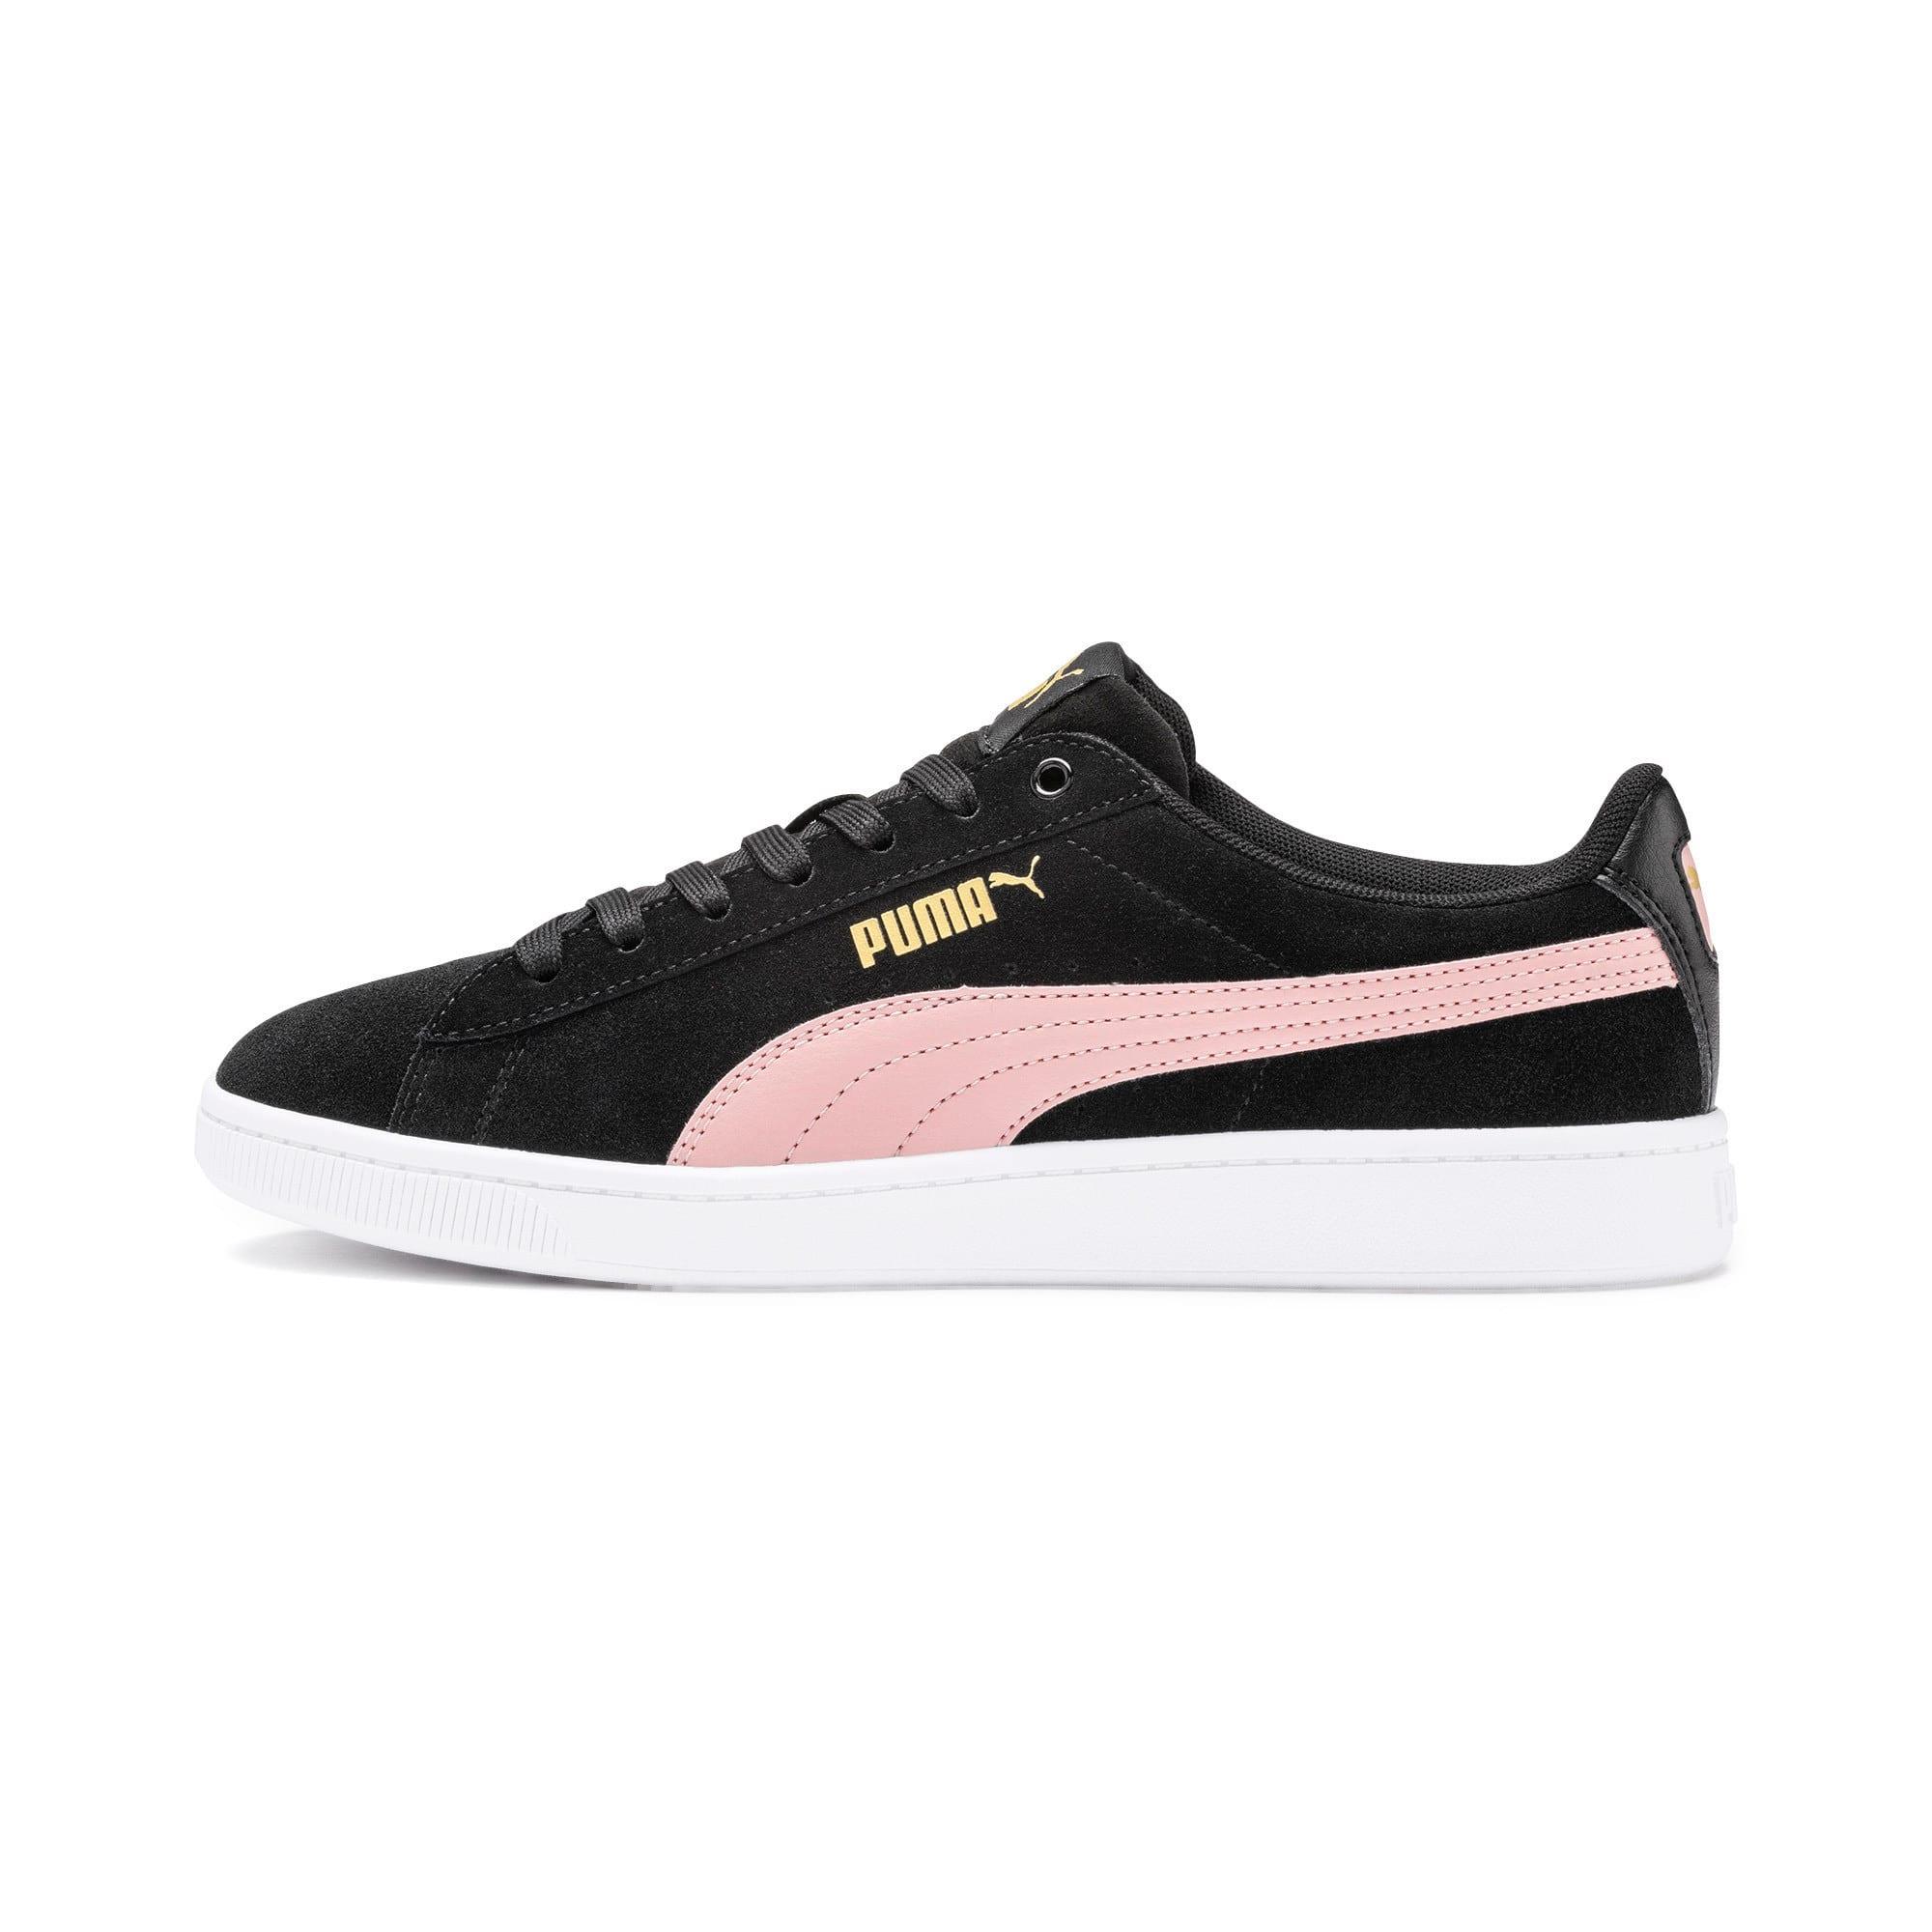 Thumbnail 1 of PUMA Vikky v2 Women's Sneakers, Puma Black-B Rose-Gold-White, medium